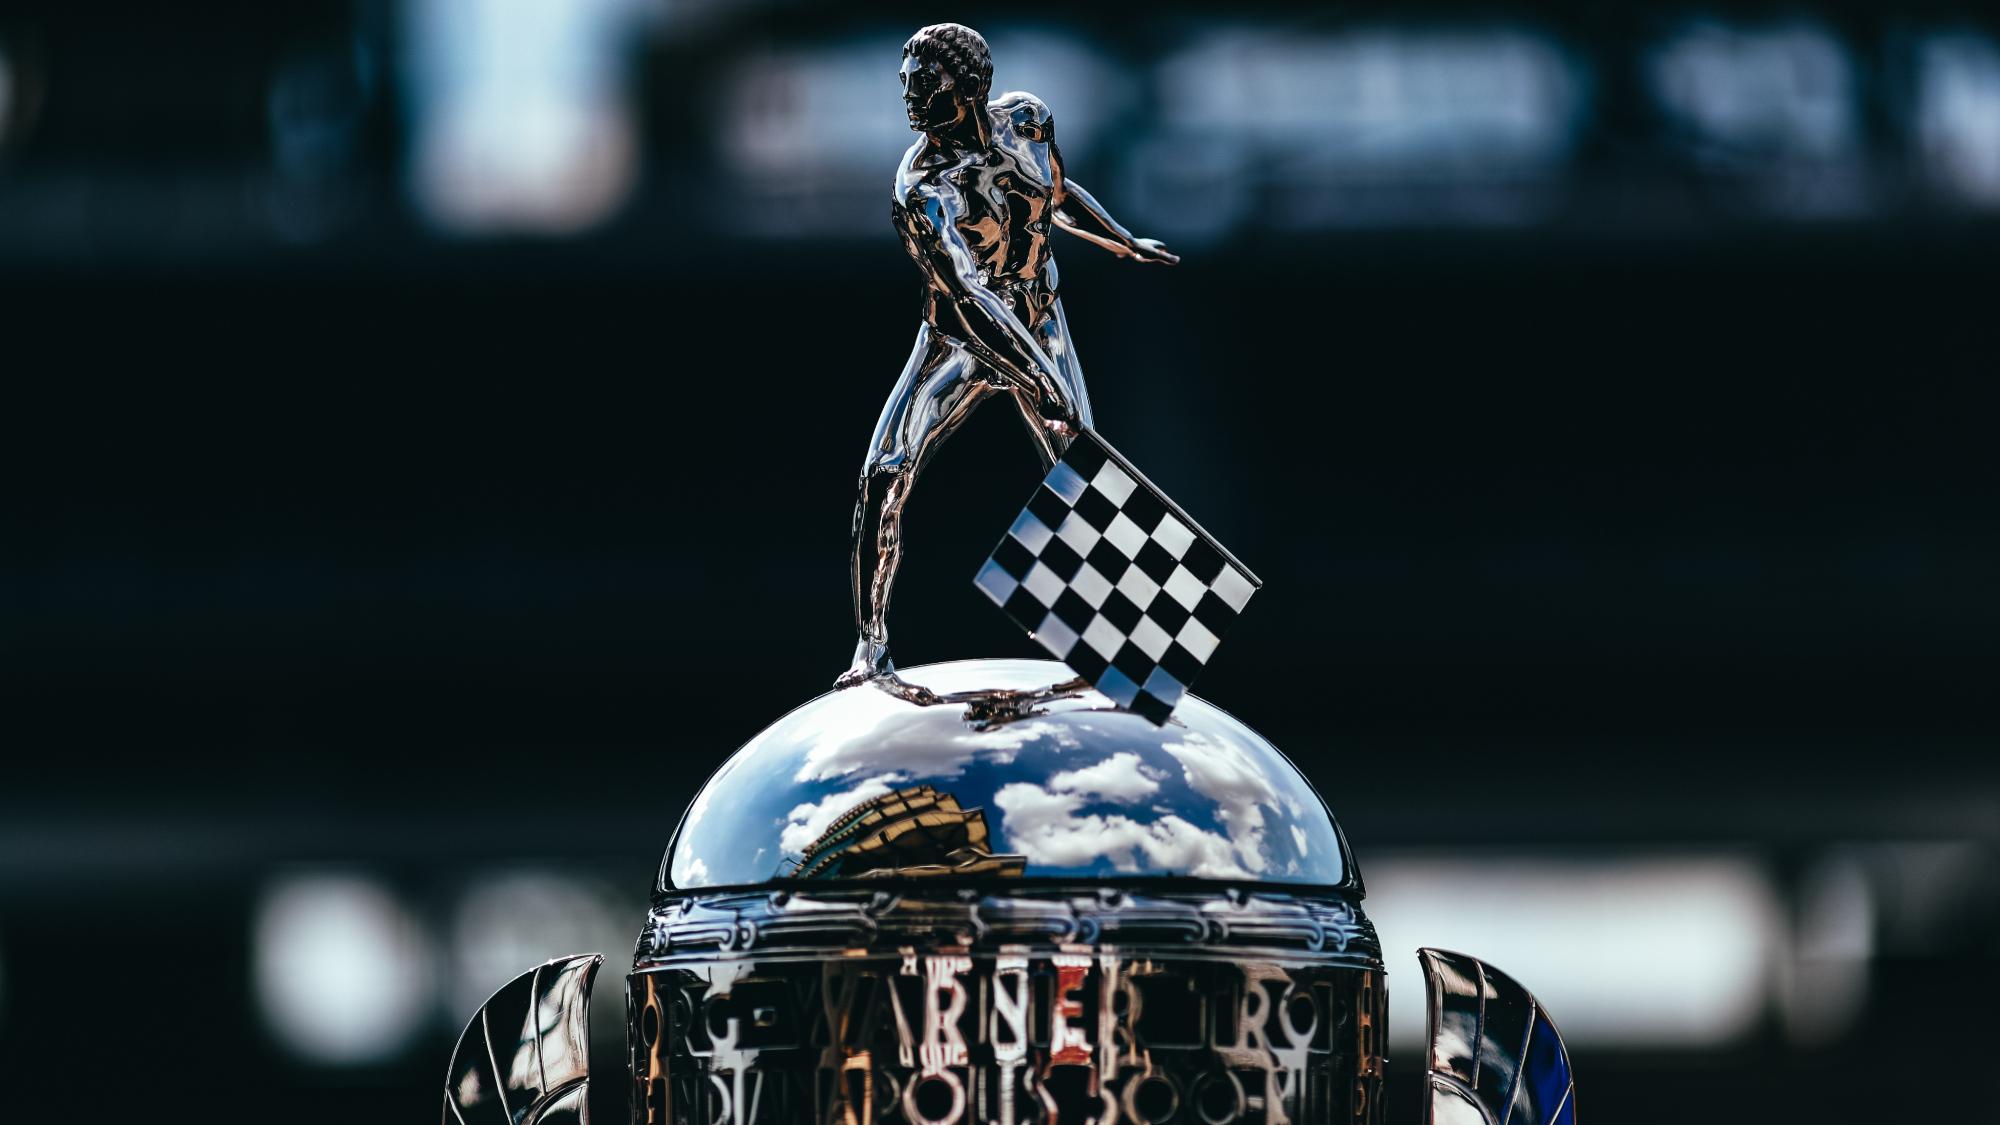 Indy 500 2020, Borg Warner Trophy